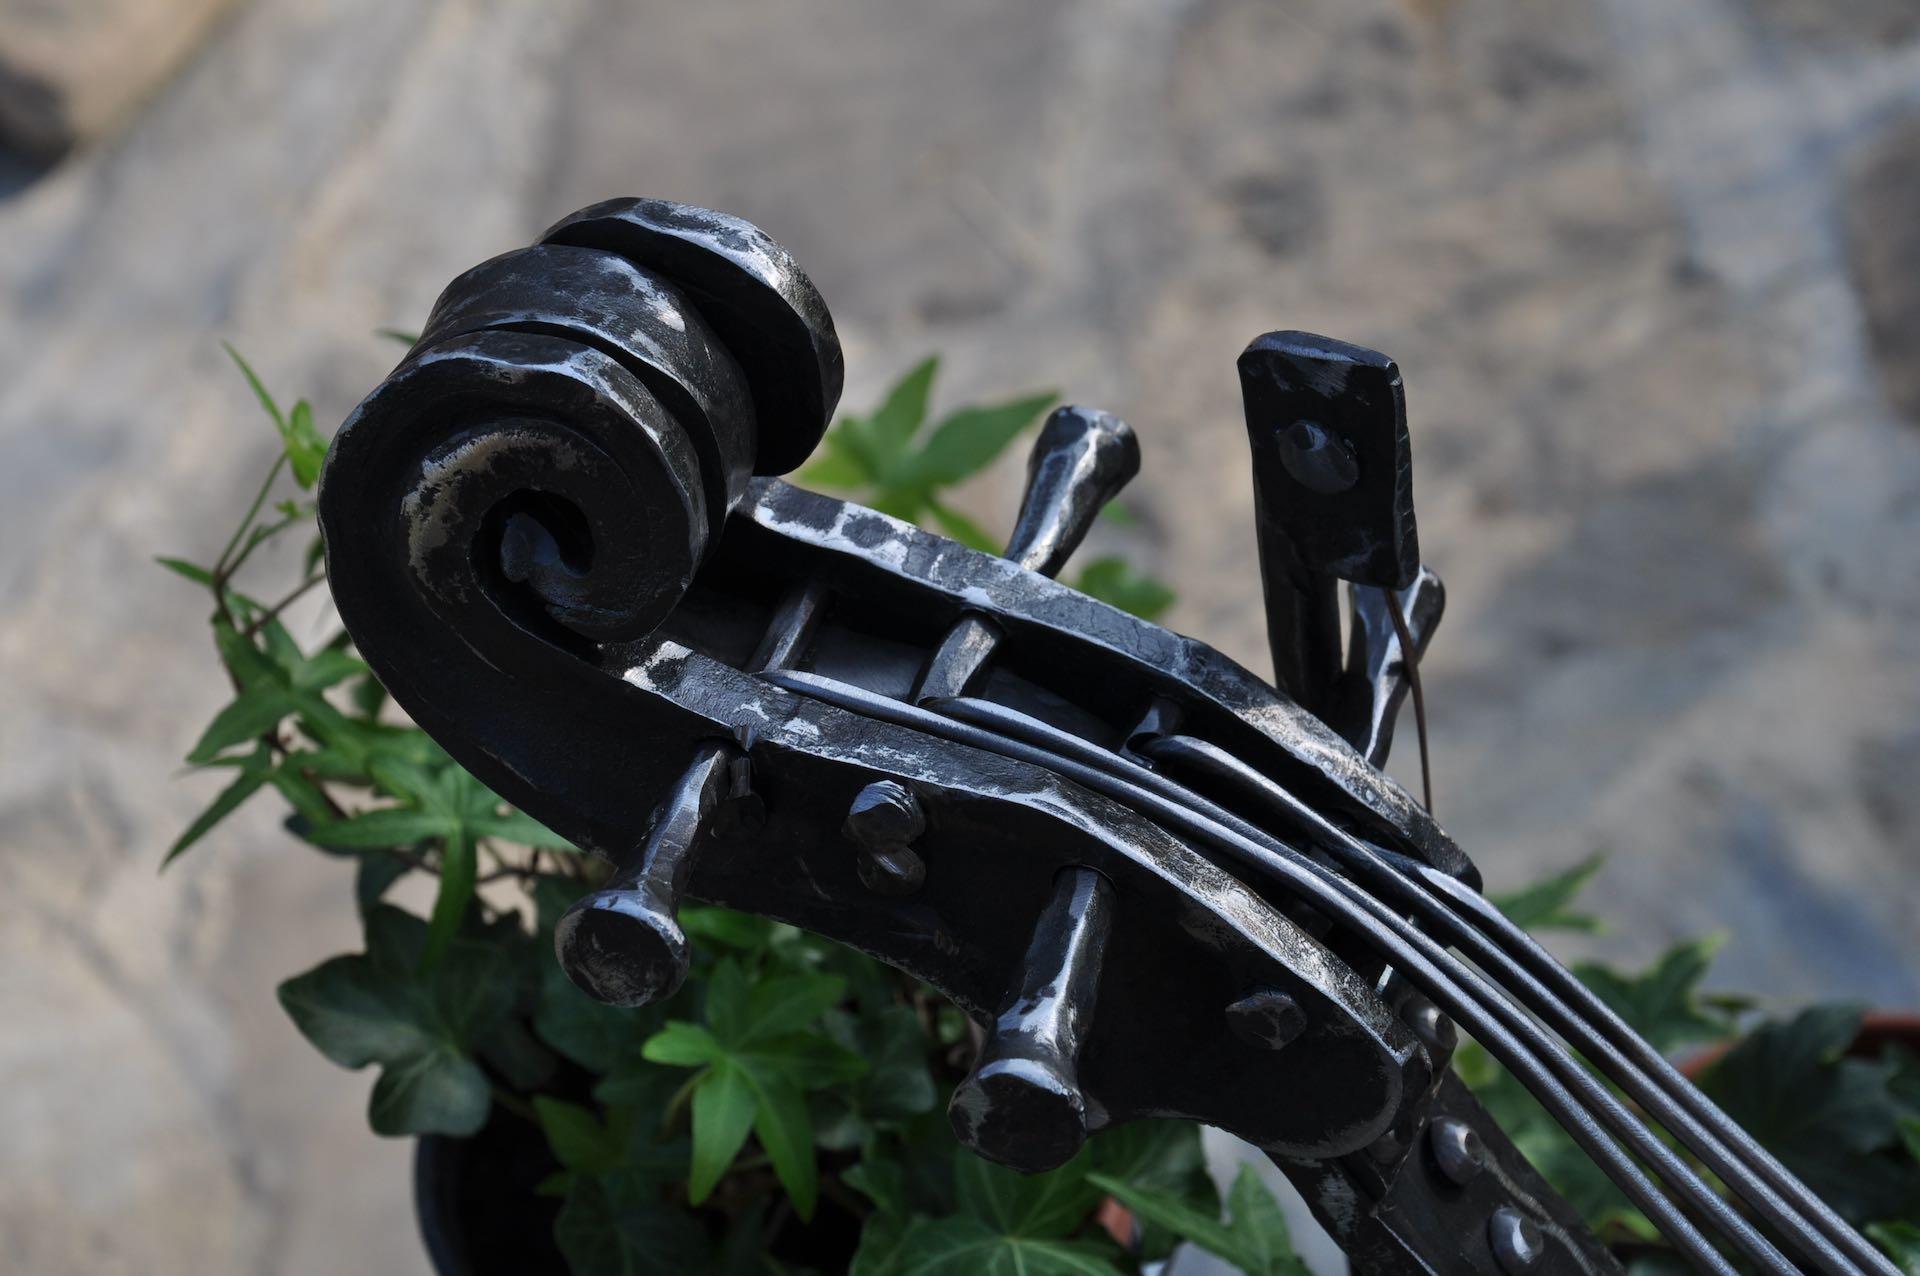 Kuta wiolonczela kwietnik wykonany przez kuźnia skarbów